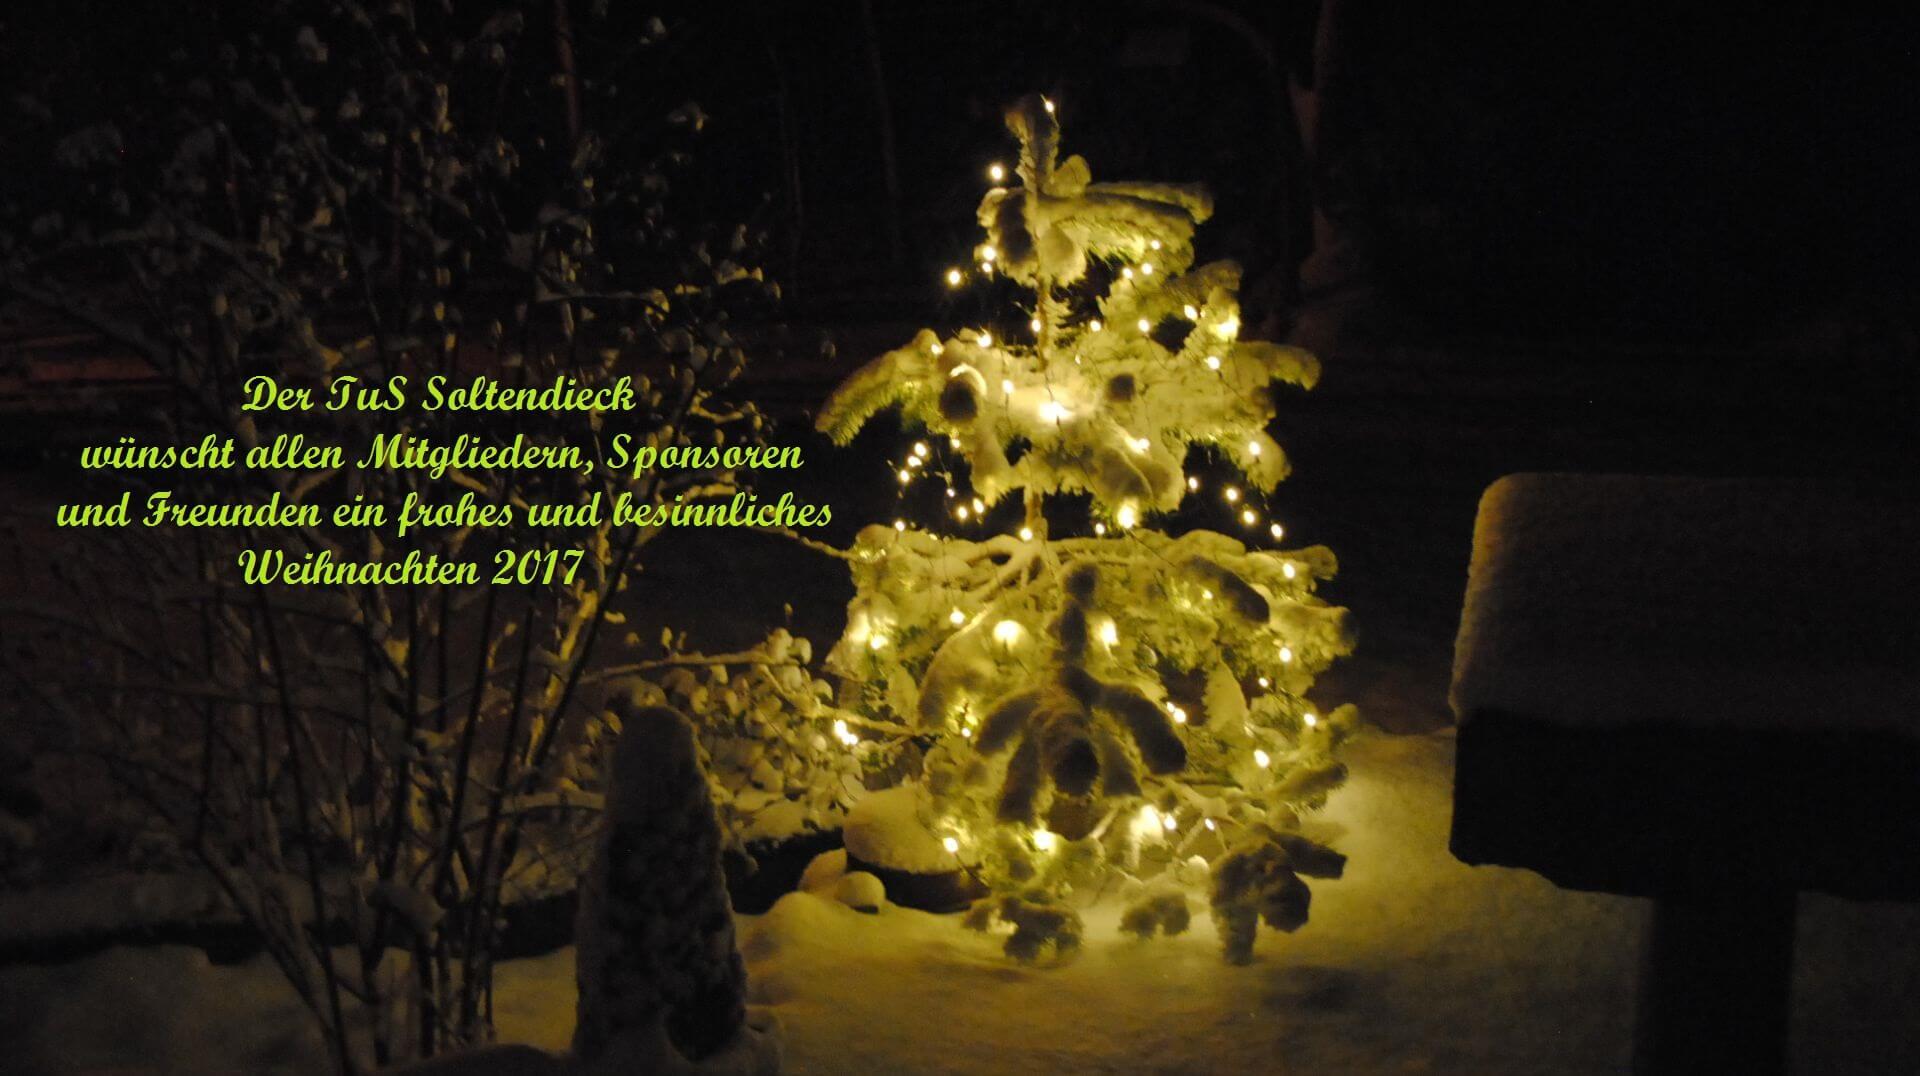 Dezember 2017 – TuS Soltendieck von 1927 e.V.